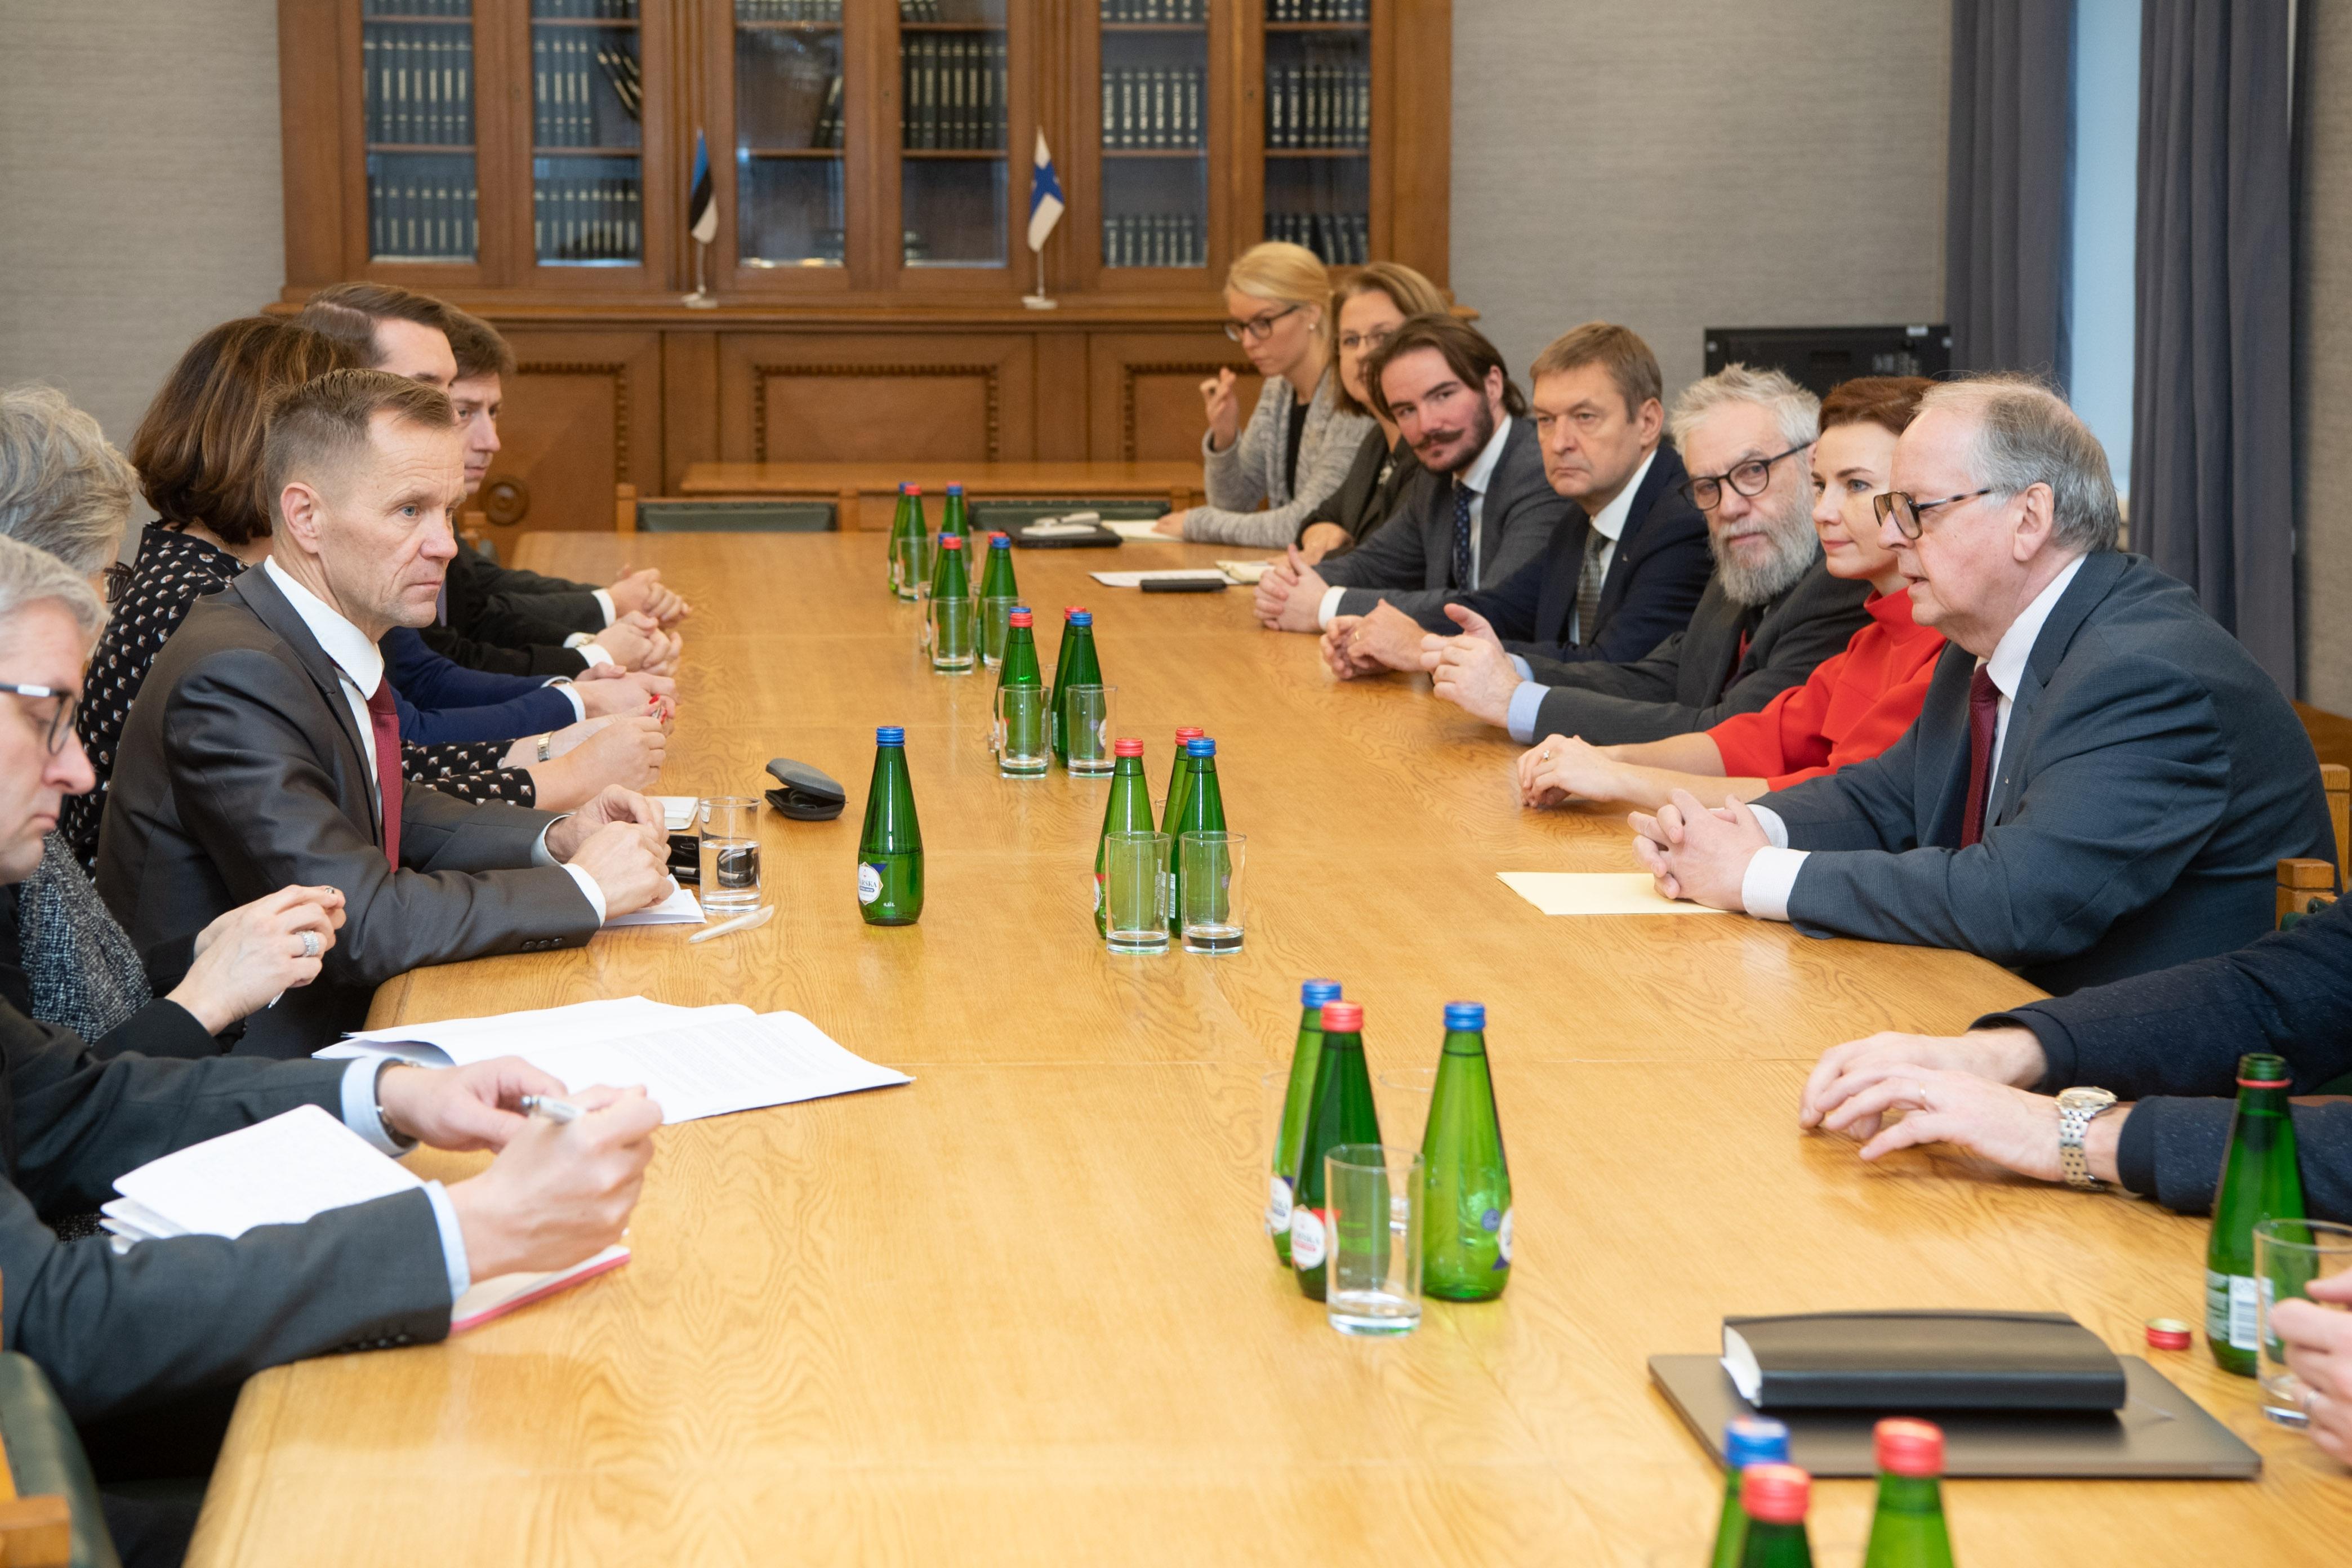 Väliskomisjoni kohtumine Soome kolleegidega keskendus rahvusvahelisele poliitilisele olukorrale